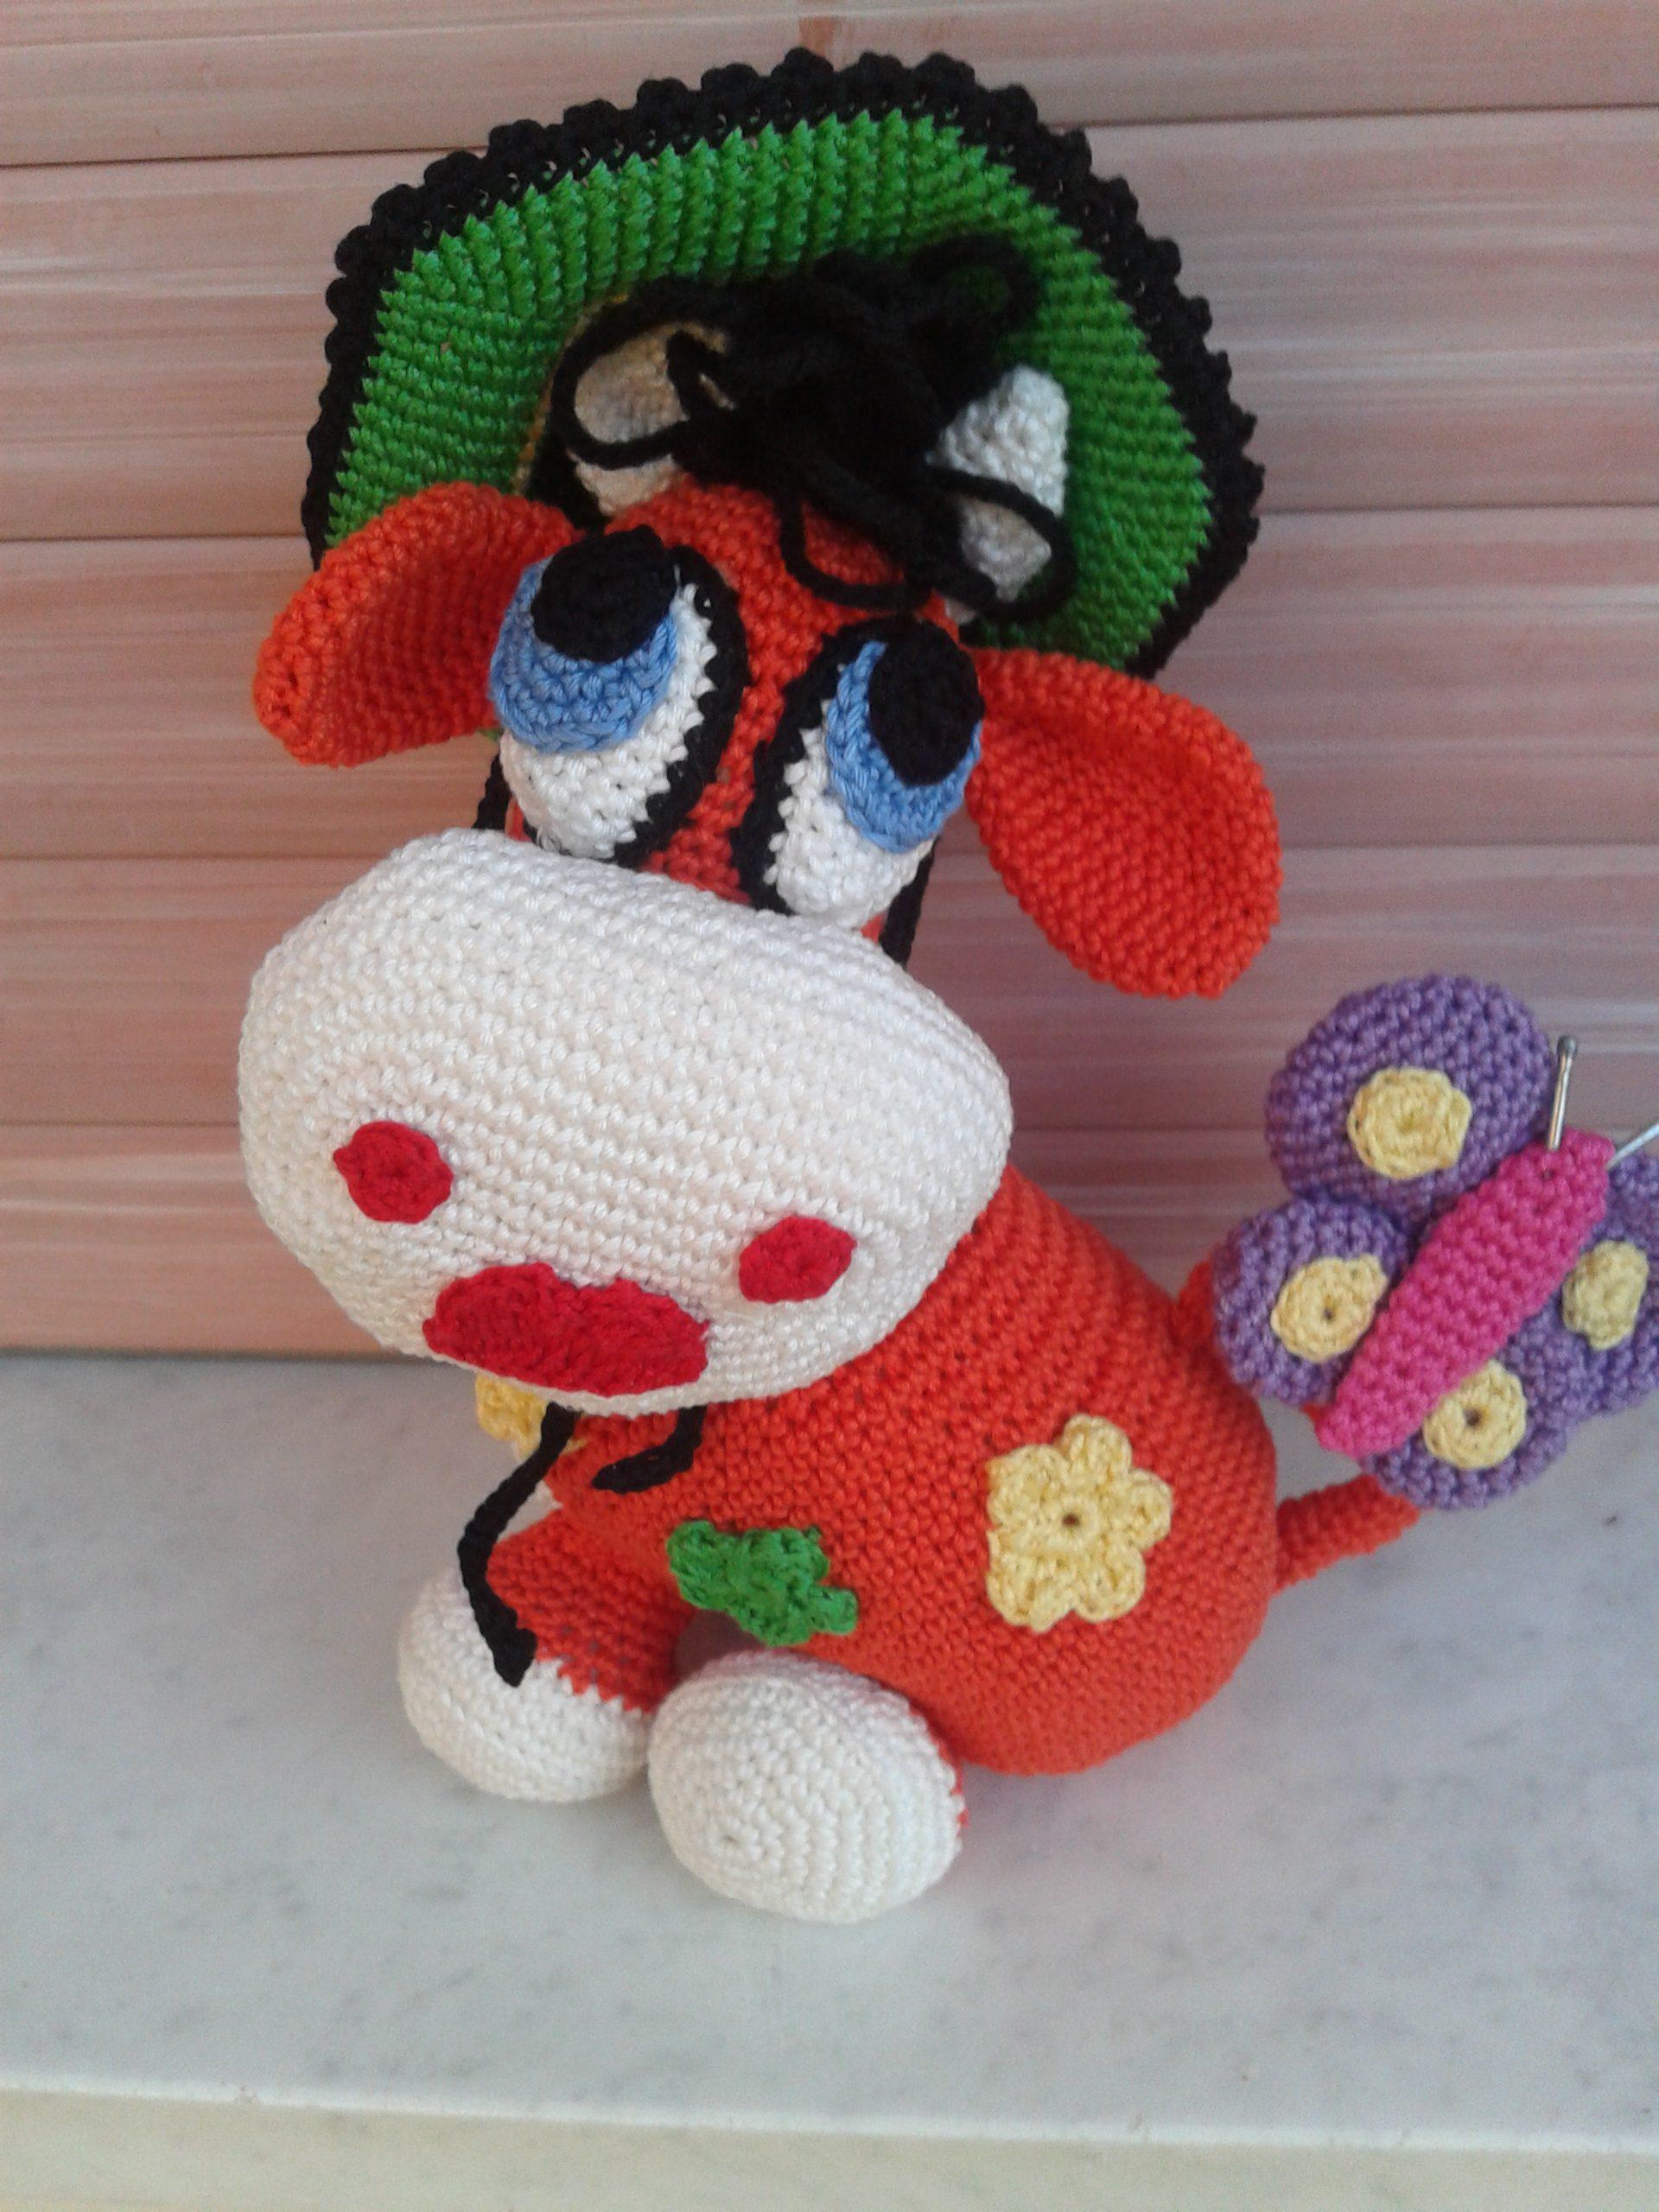 22382 Best Crochet images in 2020 | Crochet, Crochet patterns ... | 2560x1920